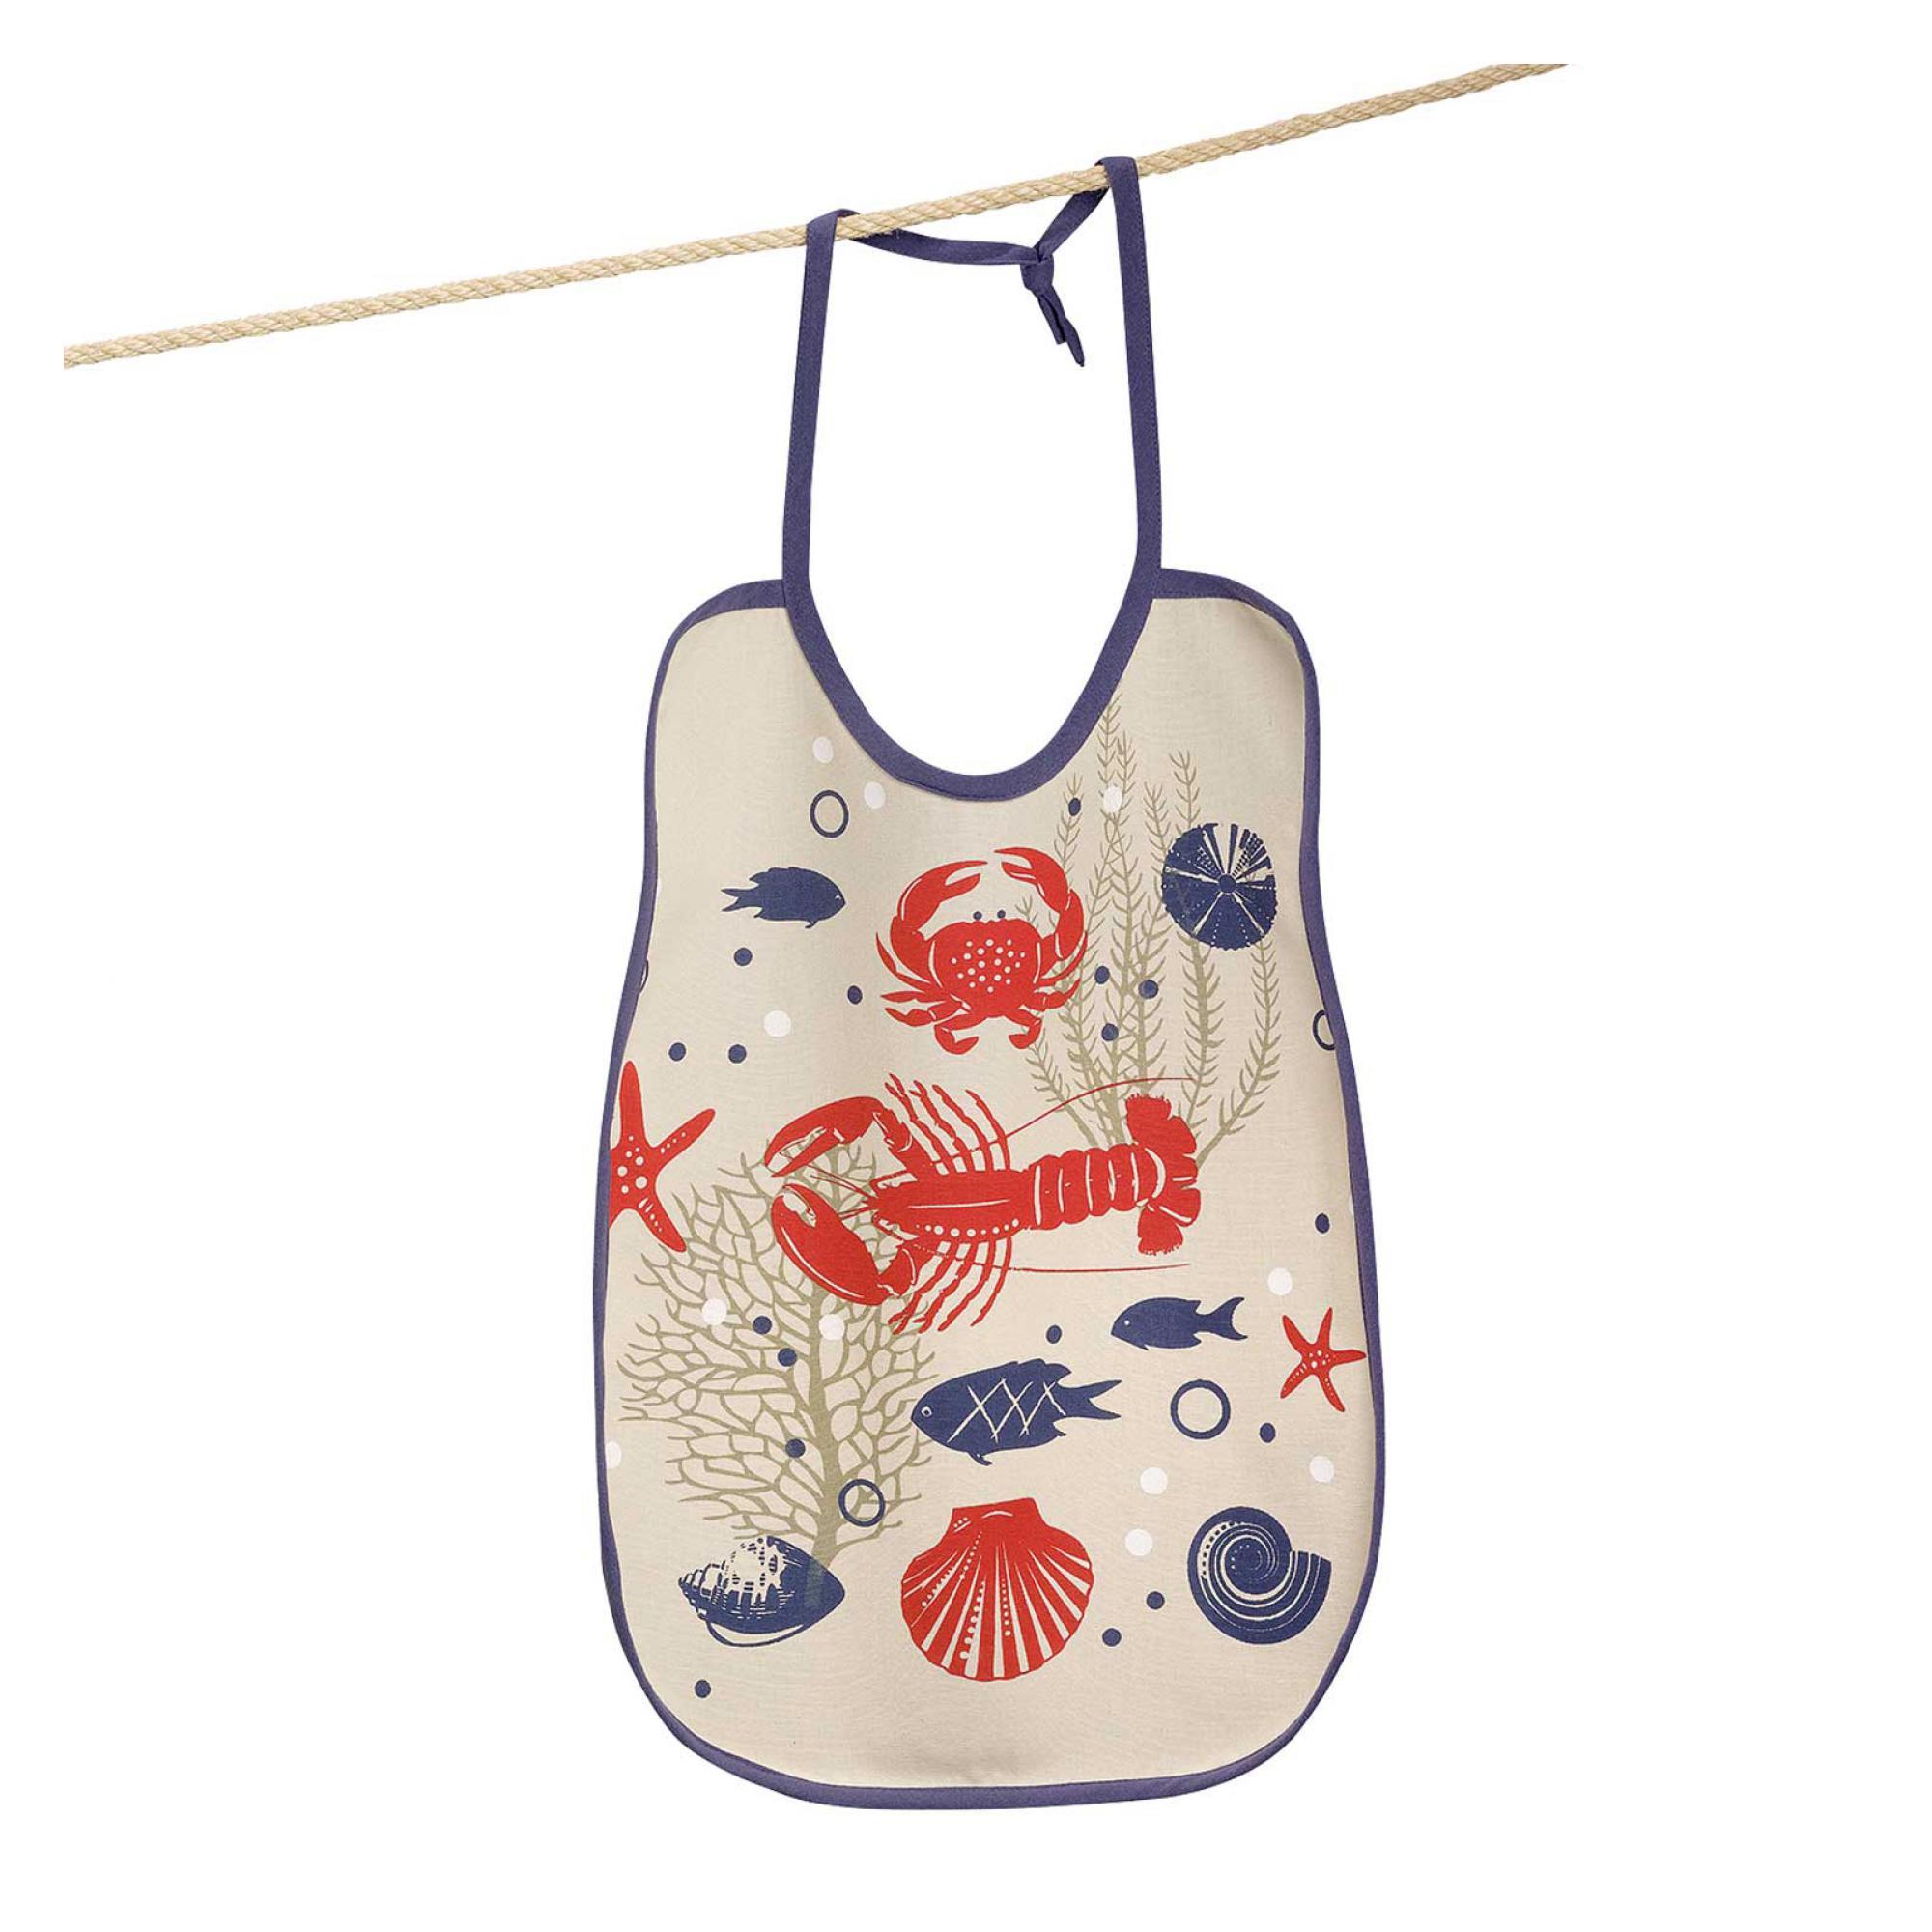 Bavoir Crustacés en coton ficelle 40 x 55